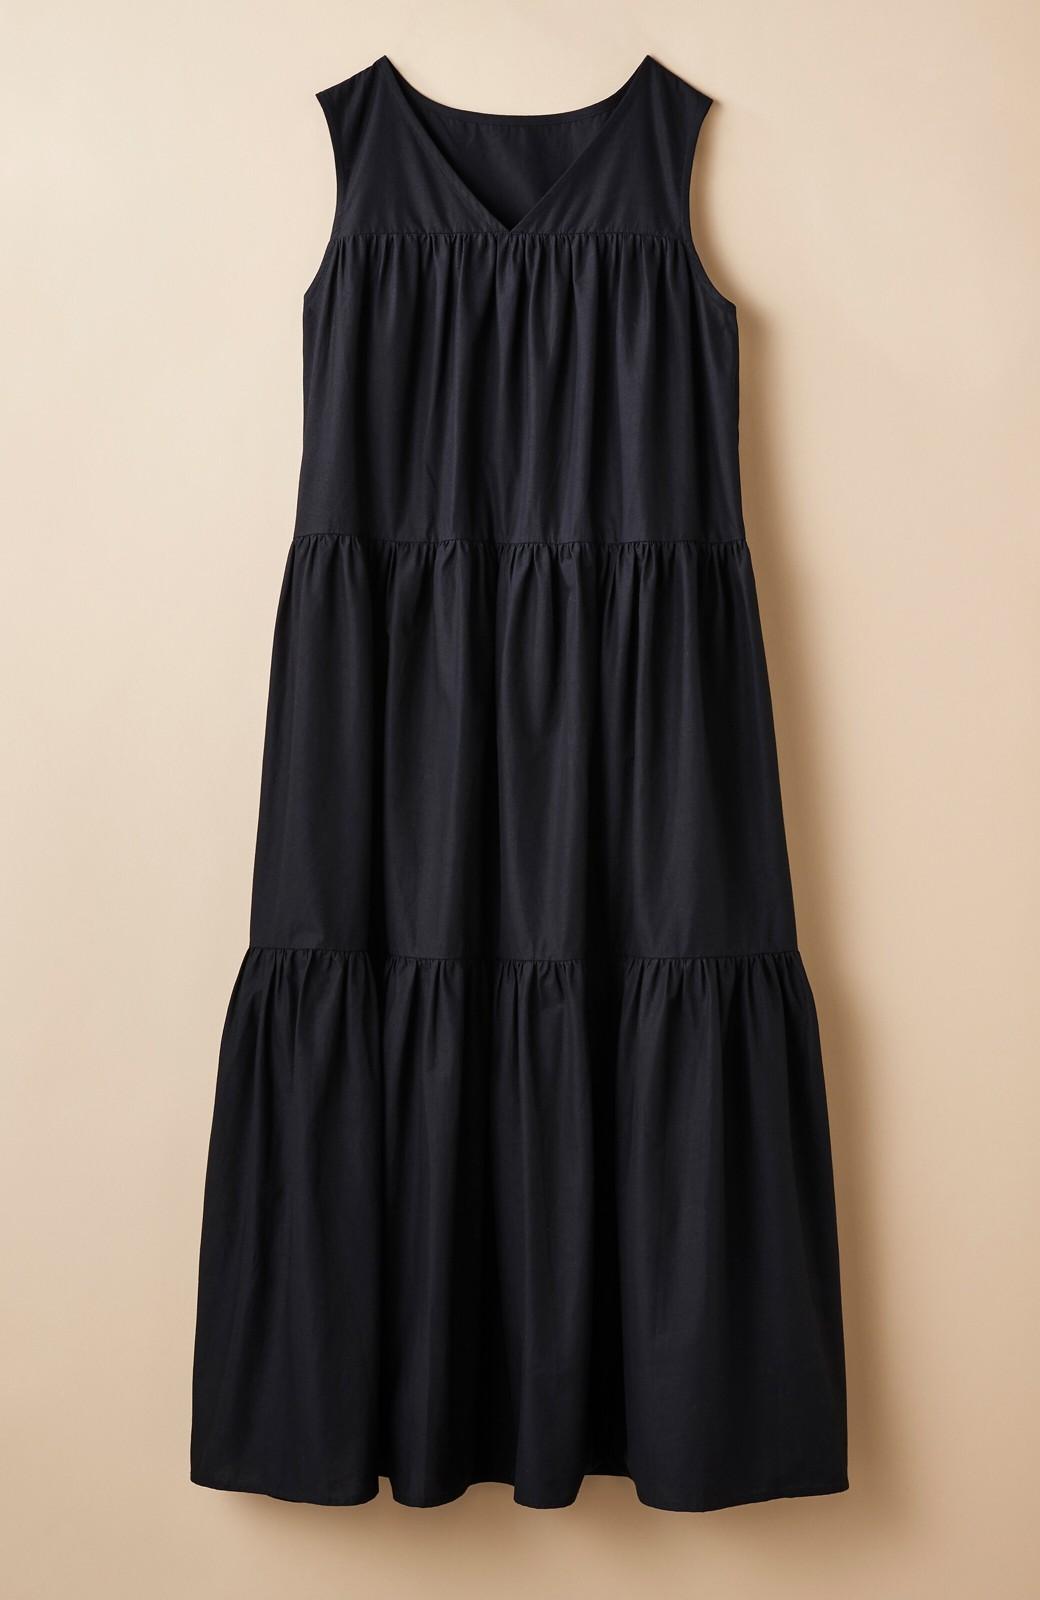 Haco 暑いときにはこれしかない 1枚で着られるティアード